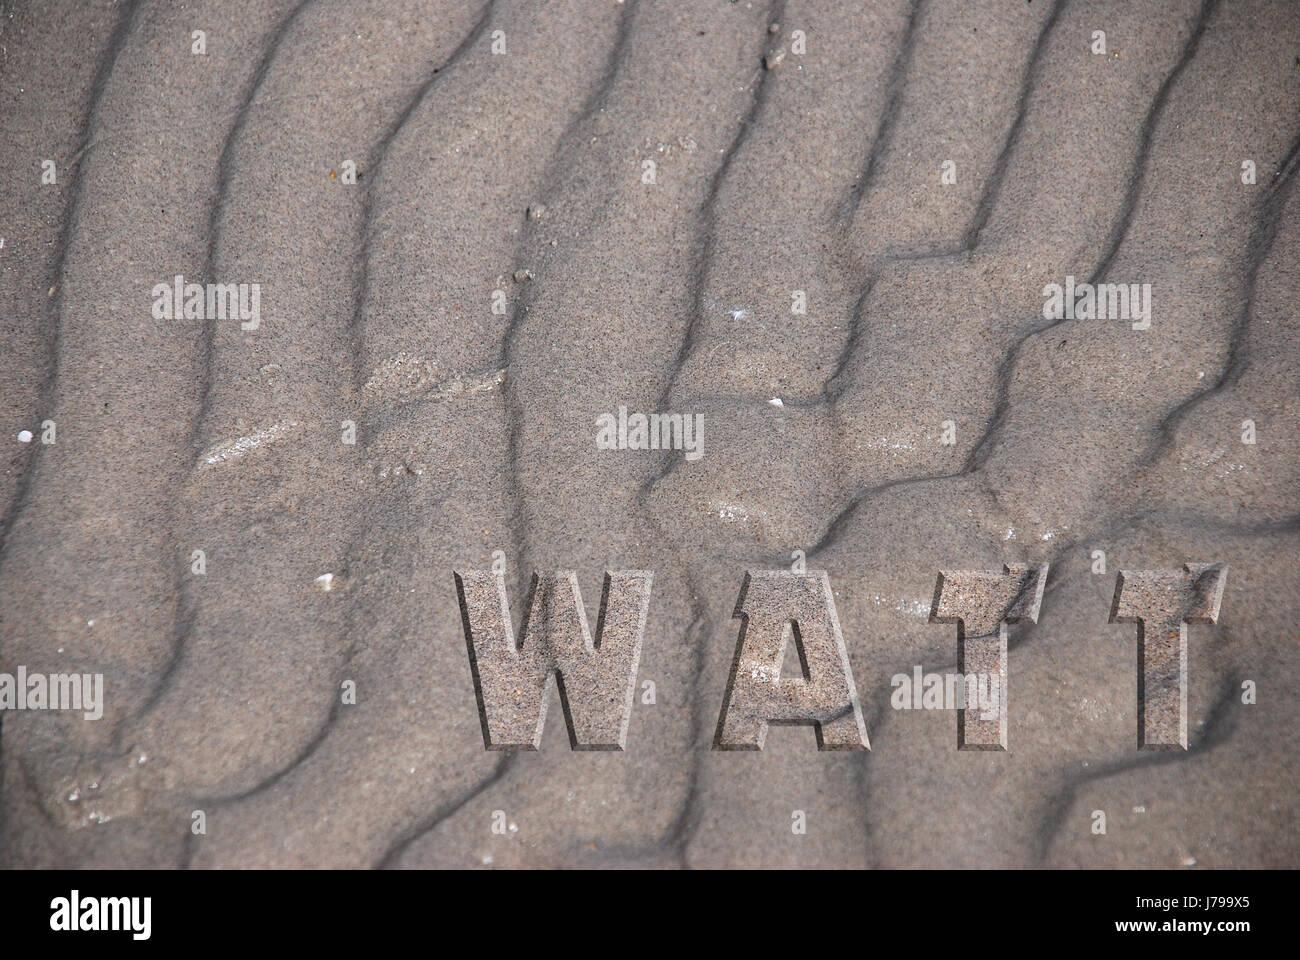 letters written writing font typography watt low tide grooves salt water sea - Stock Image